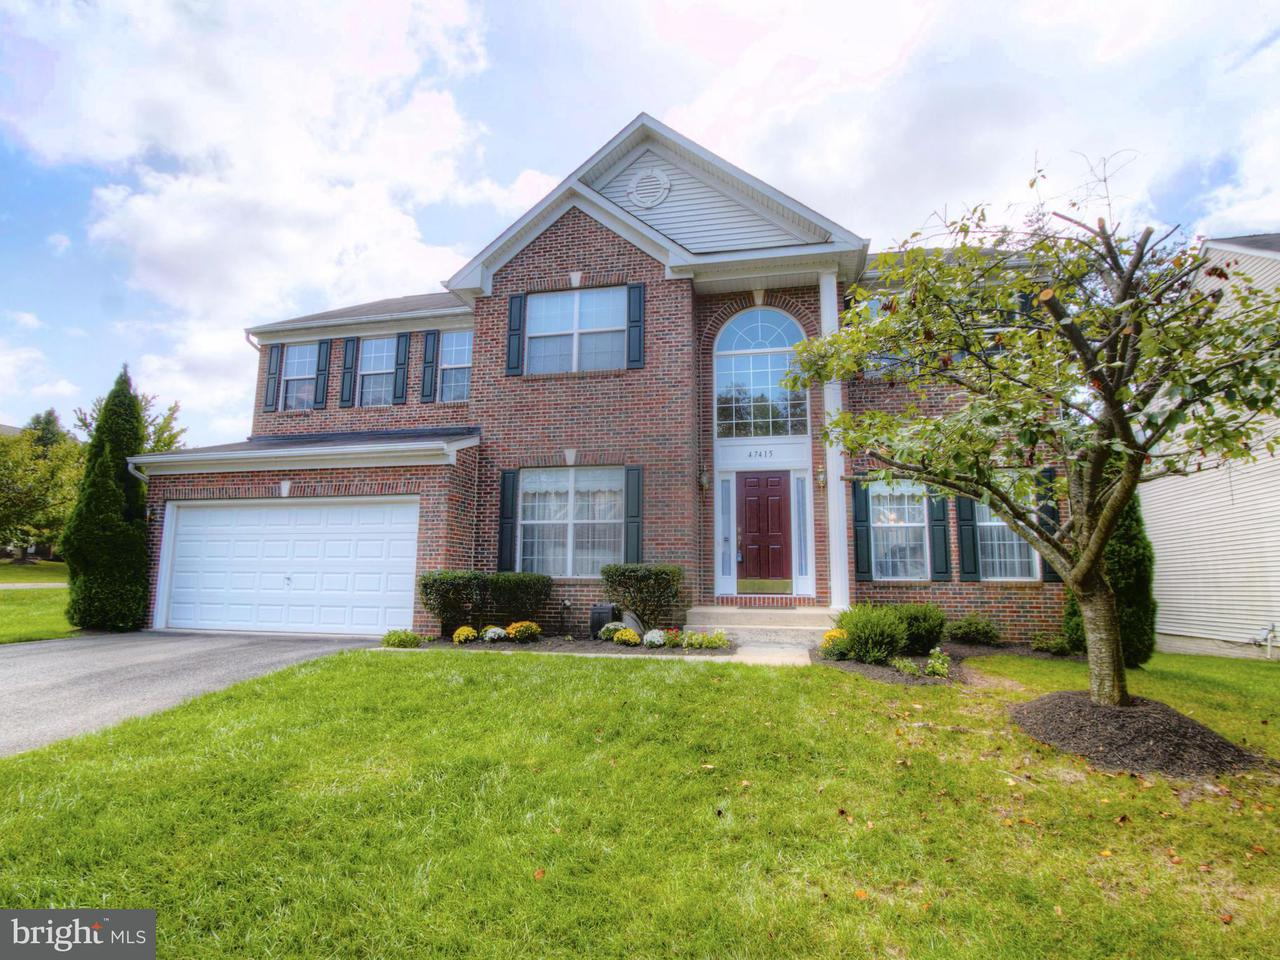 Maison unifamiliale pour l Vente à 47415 HALCYON Place 47415 HALCYON Place Potomac Falls, Virginia 20165 États-Unis